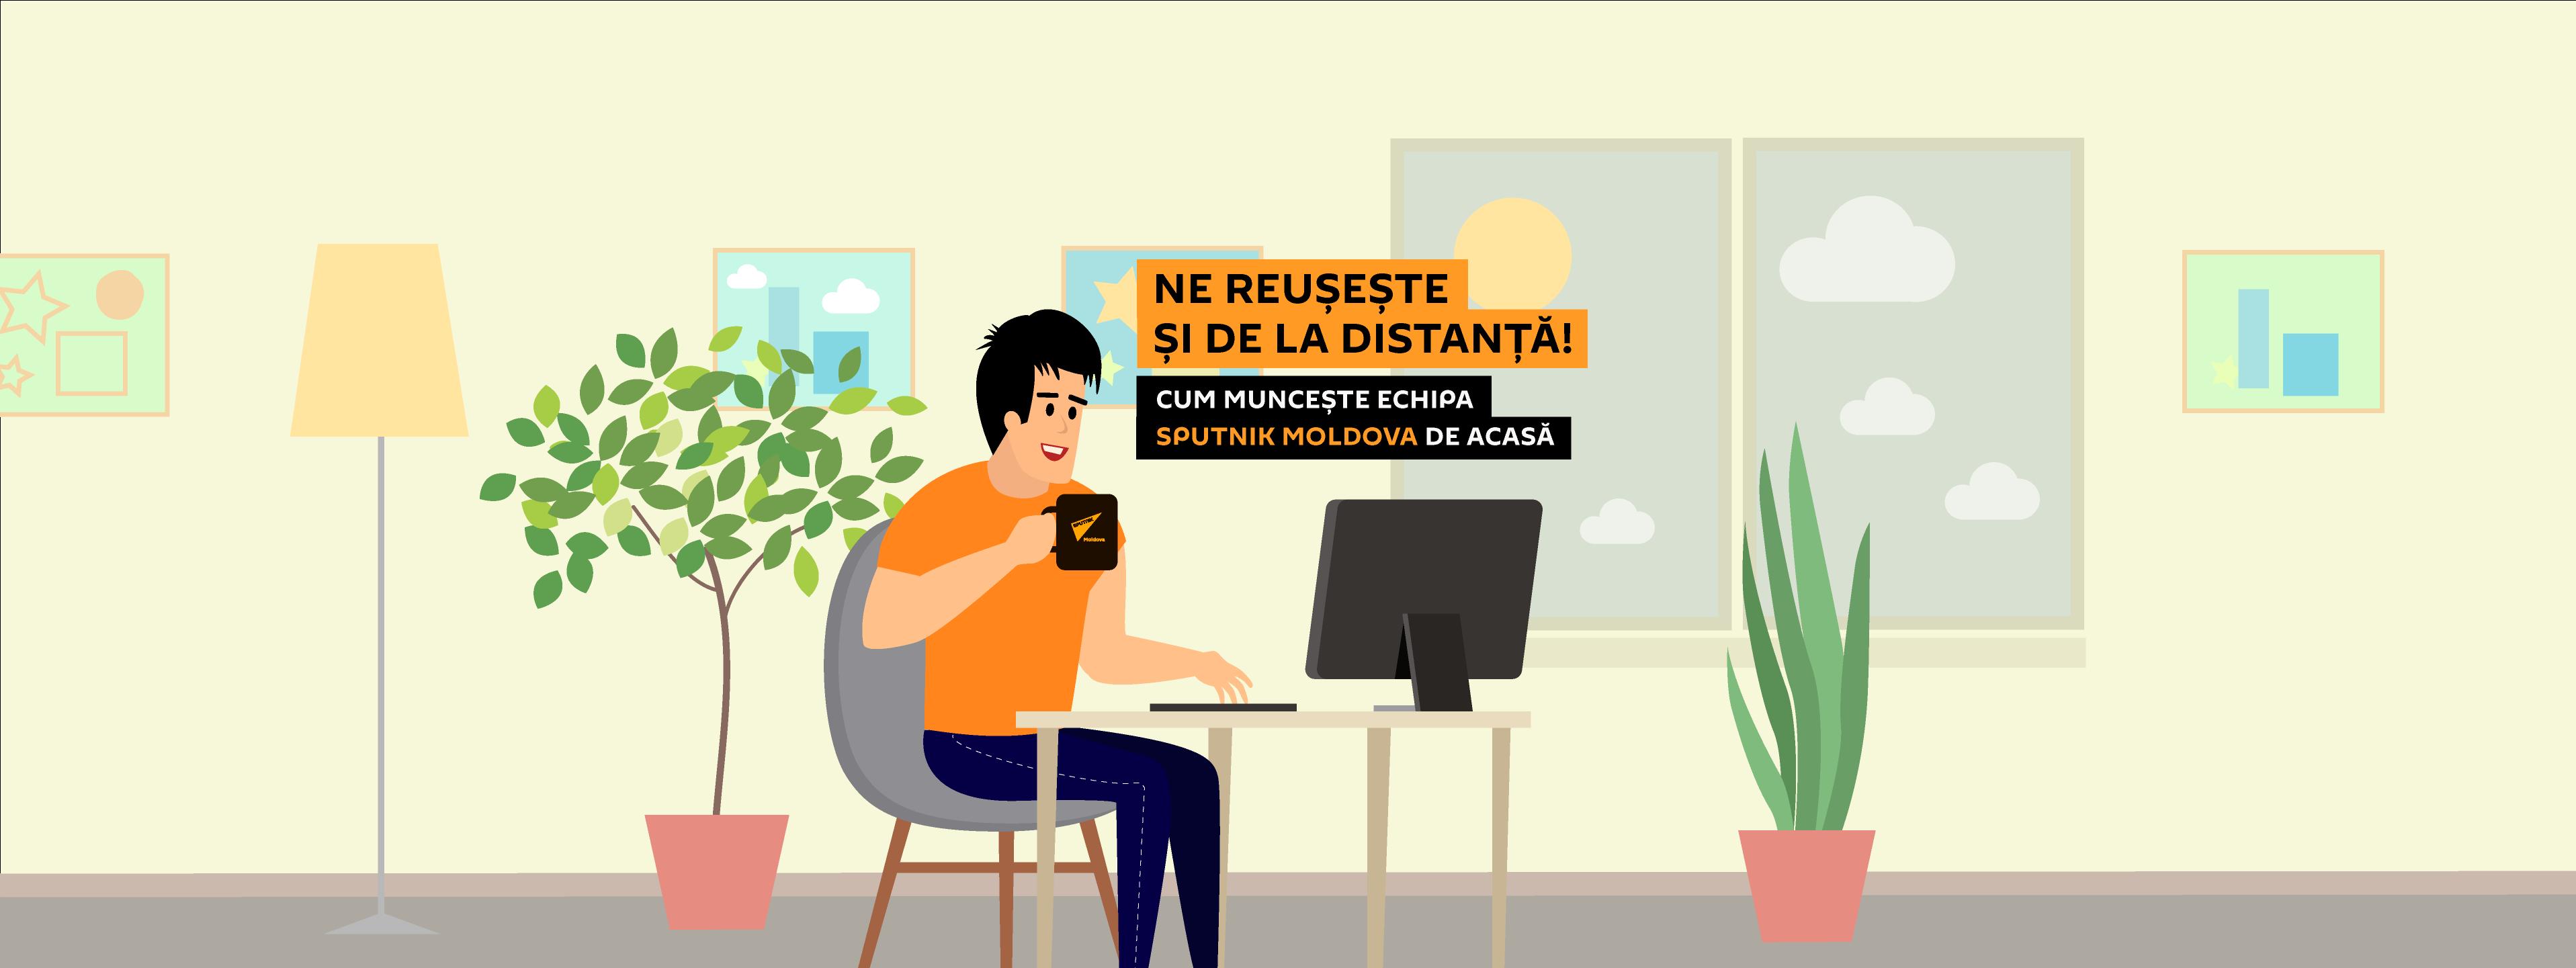 10 sfaturi pentru a reduce starea de izolarea în timp ce lucrați de la distanță | Randstad Romania